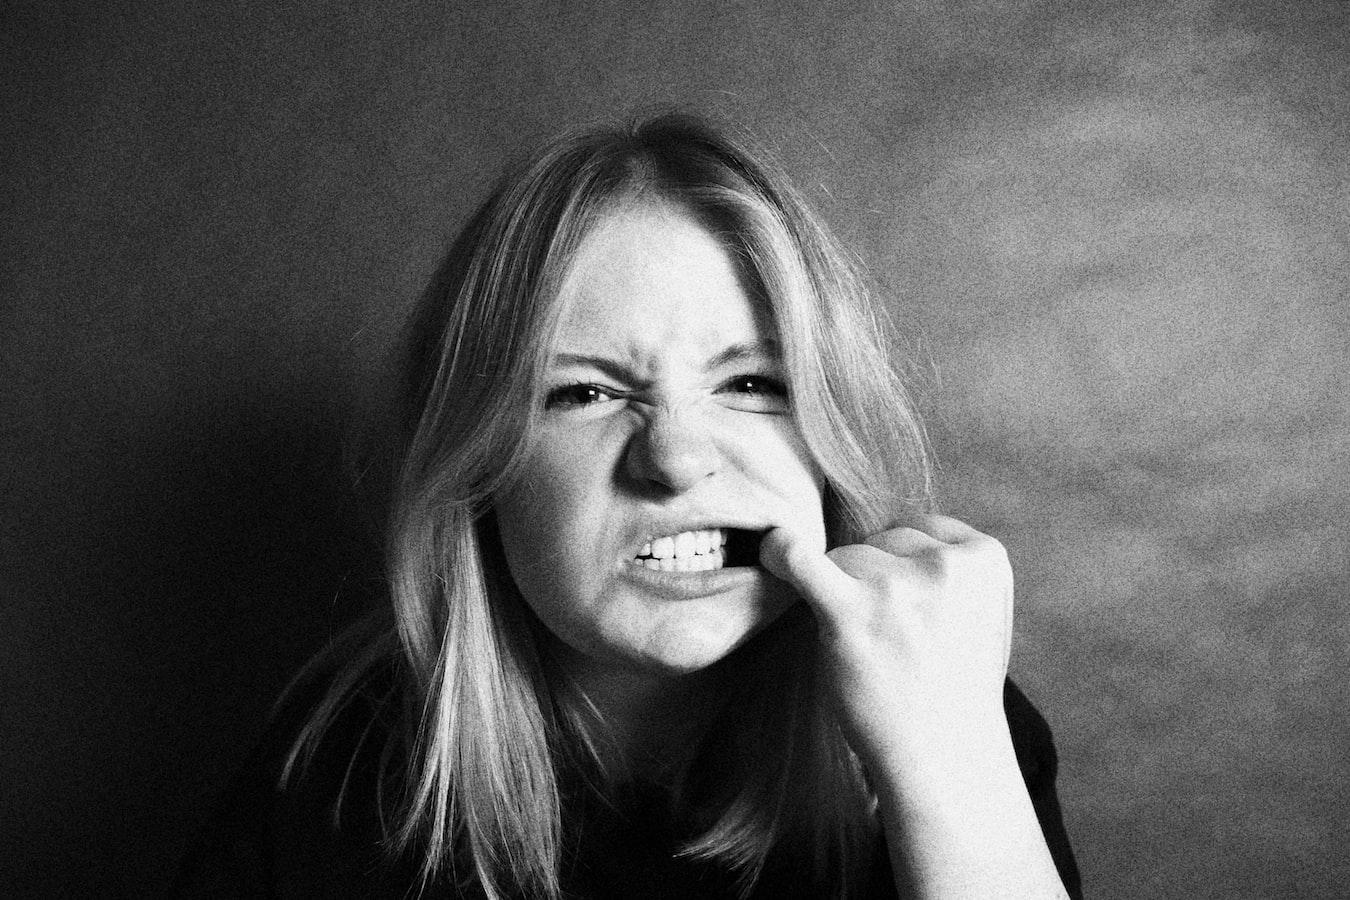 牙齒不整齊竟是因缺鐵!牙醫師:女性鐵質攝取量應為男性兩倍   Heho健